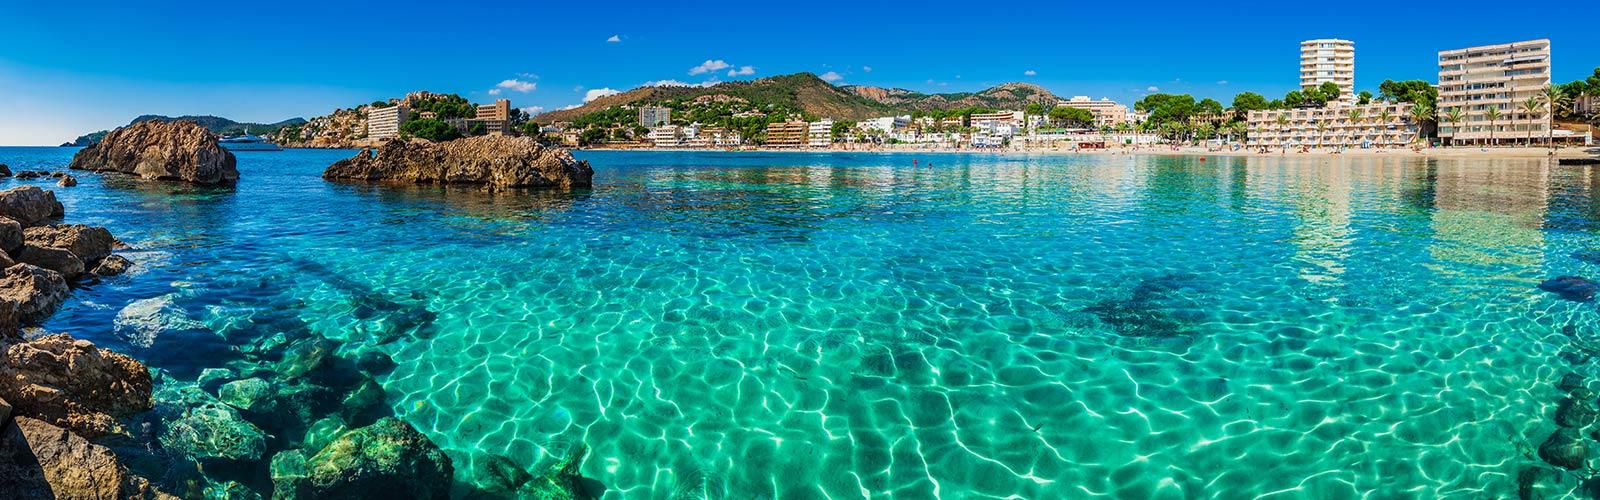 Blaues, klares Wasser am Strand von Mallorca.